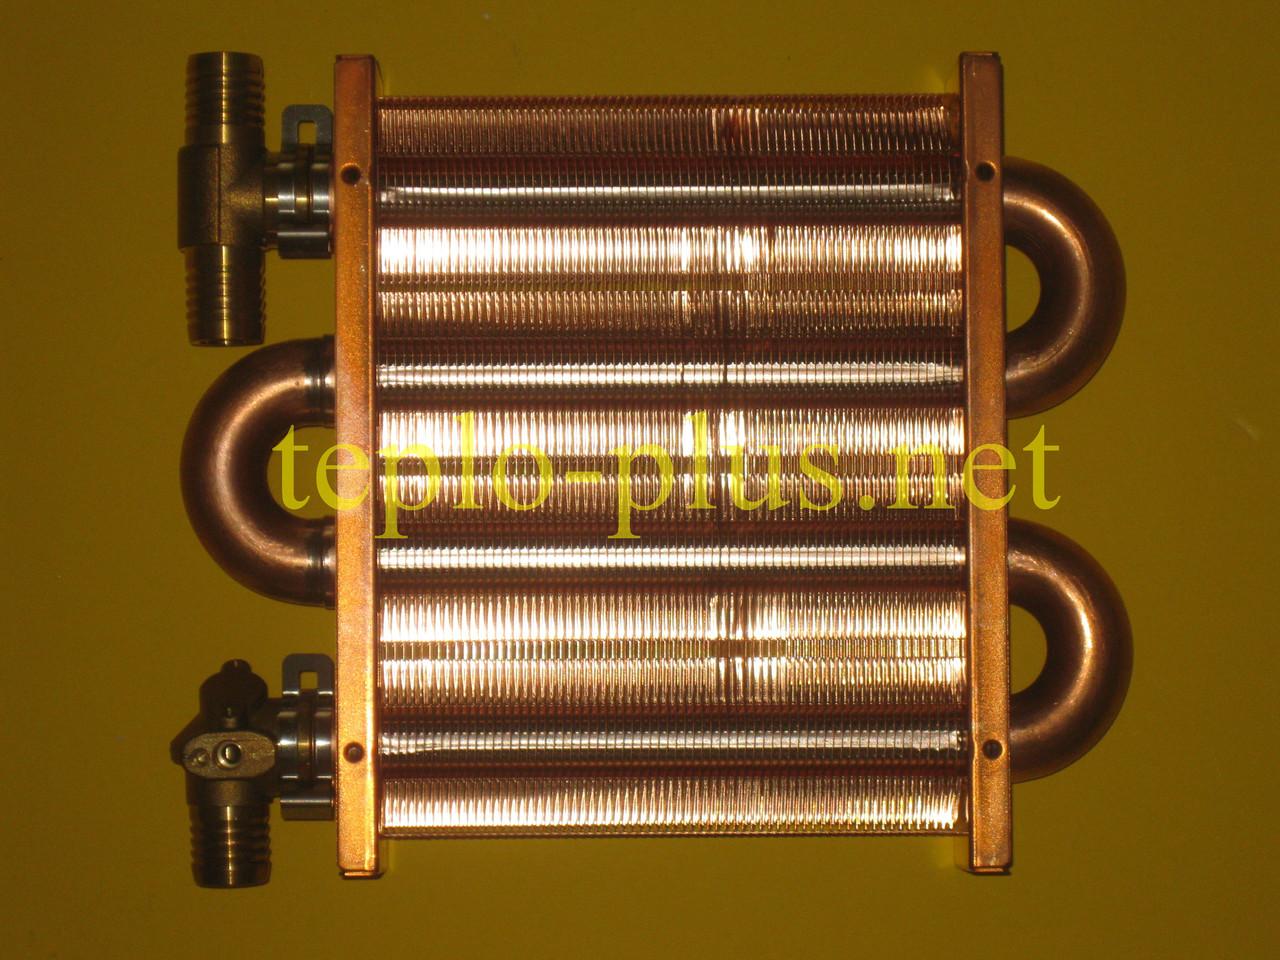 Основной теплообменник daewoo gasboiler схема подключения теплообменников